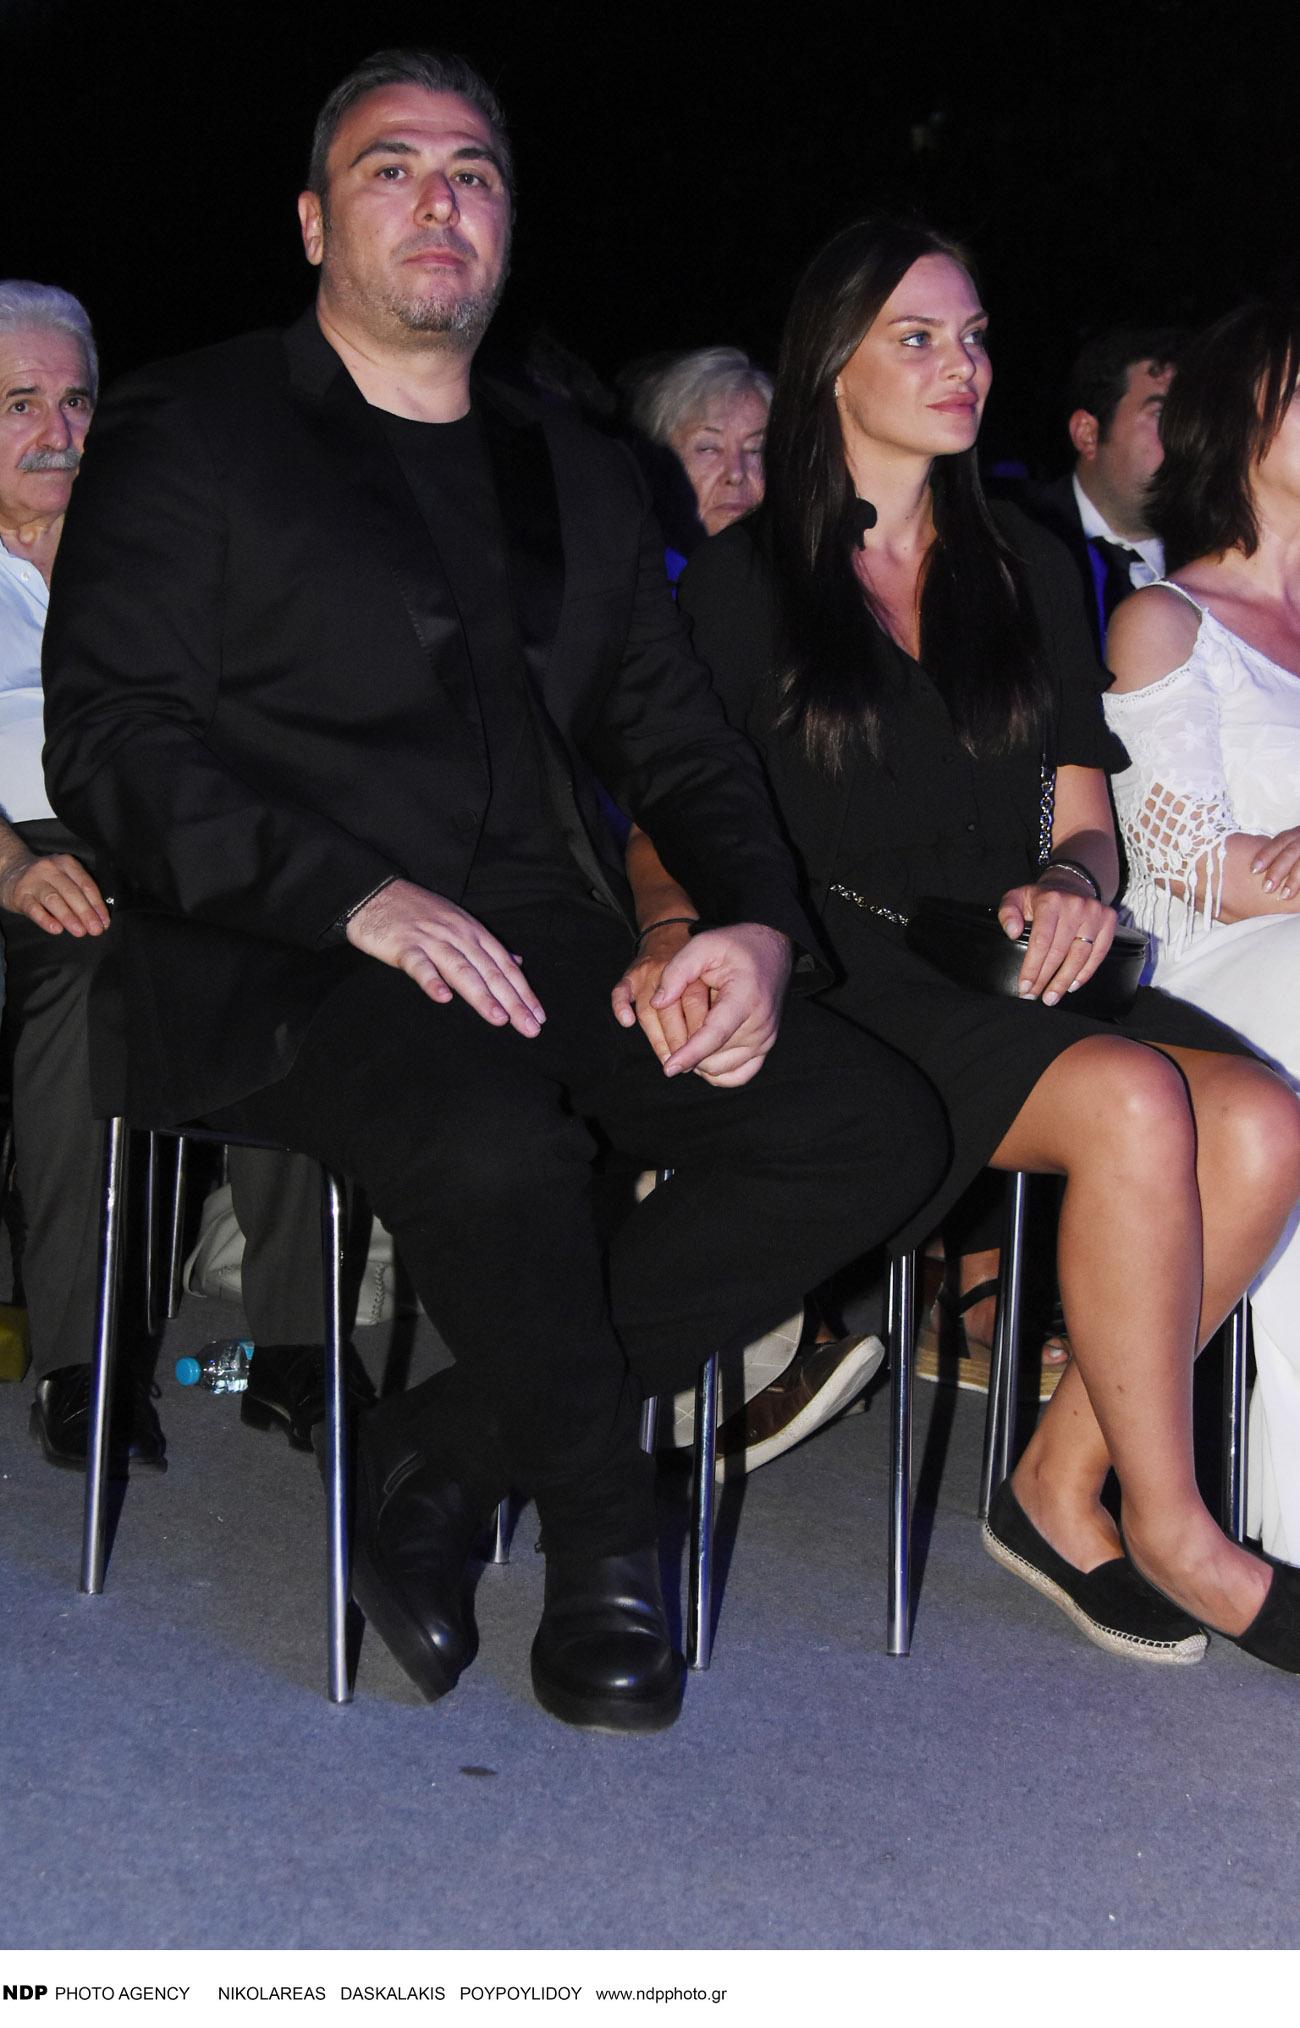 Ο Αντώνης Ρέμος και η Υβόννη Μπόσνιακ στη συναυλία για τον Μίκη Θεοδωράκη / Φωτογραφία: NDP